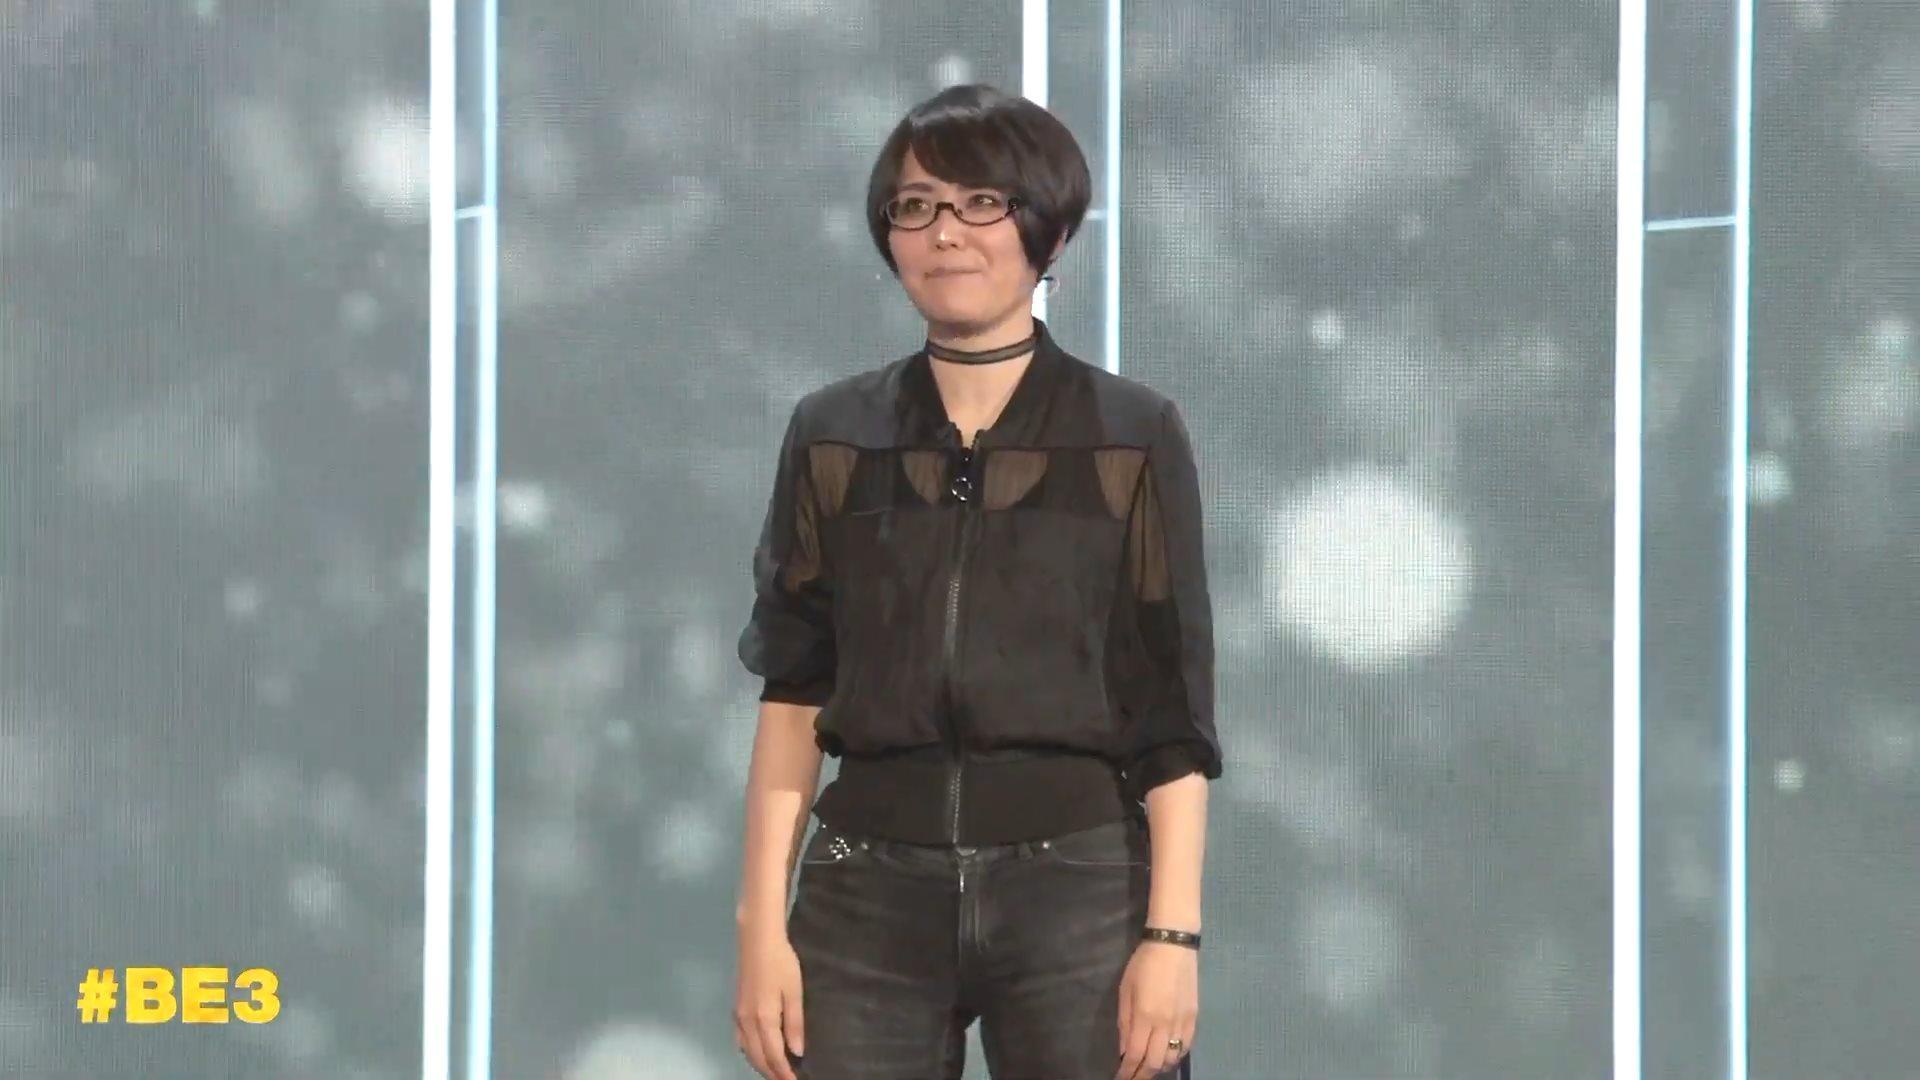 1 17 - 【画像】とある日本人女性、『E3』にてめちゃくちゃ注目を浴びてしまう 世界中でトレンドに